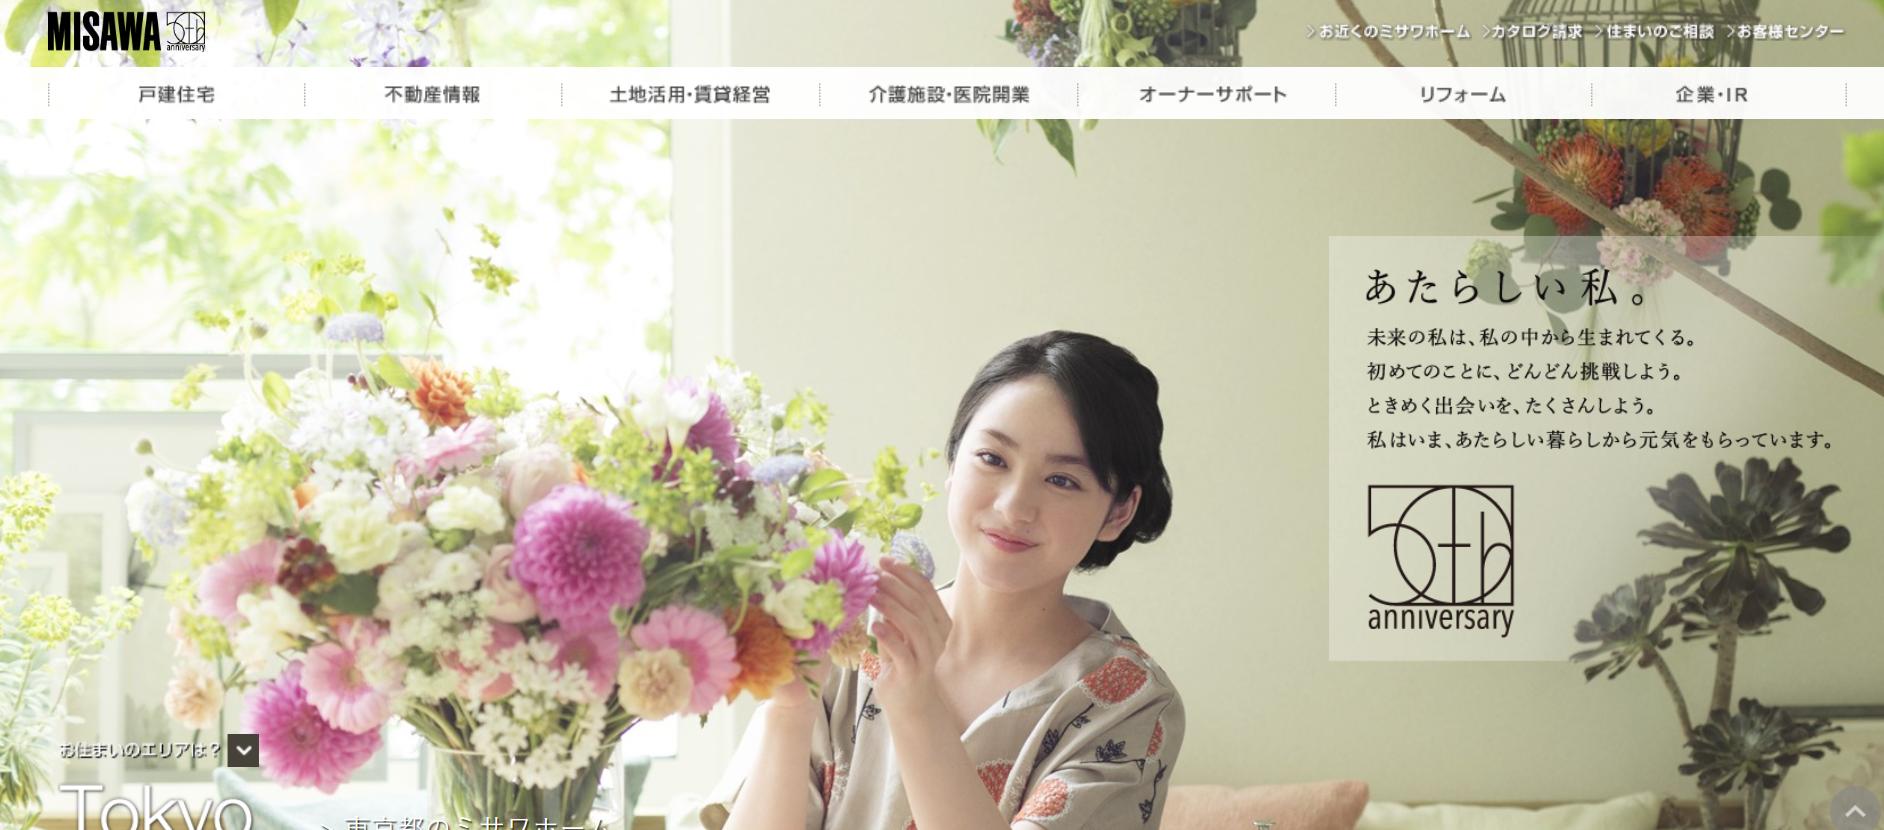 ミサワホームの評判・口コミ【30代男性/東京】